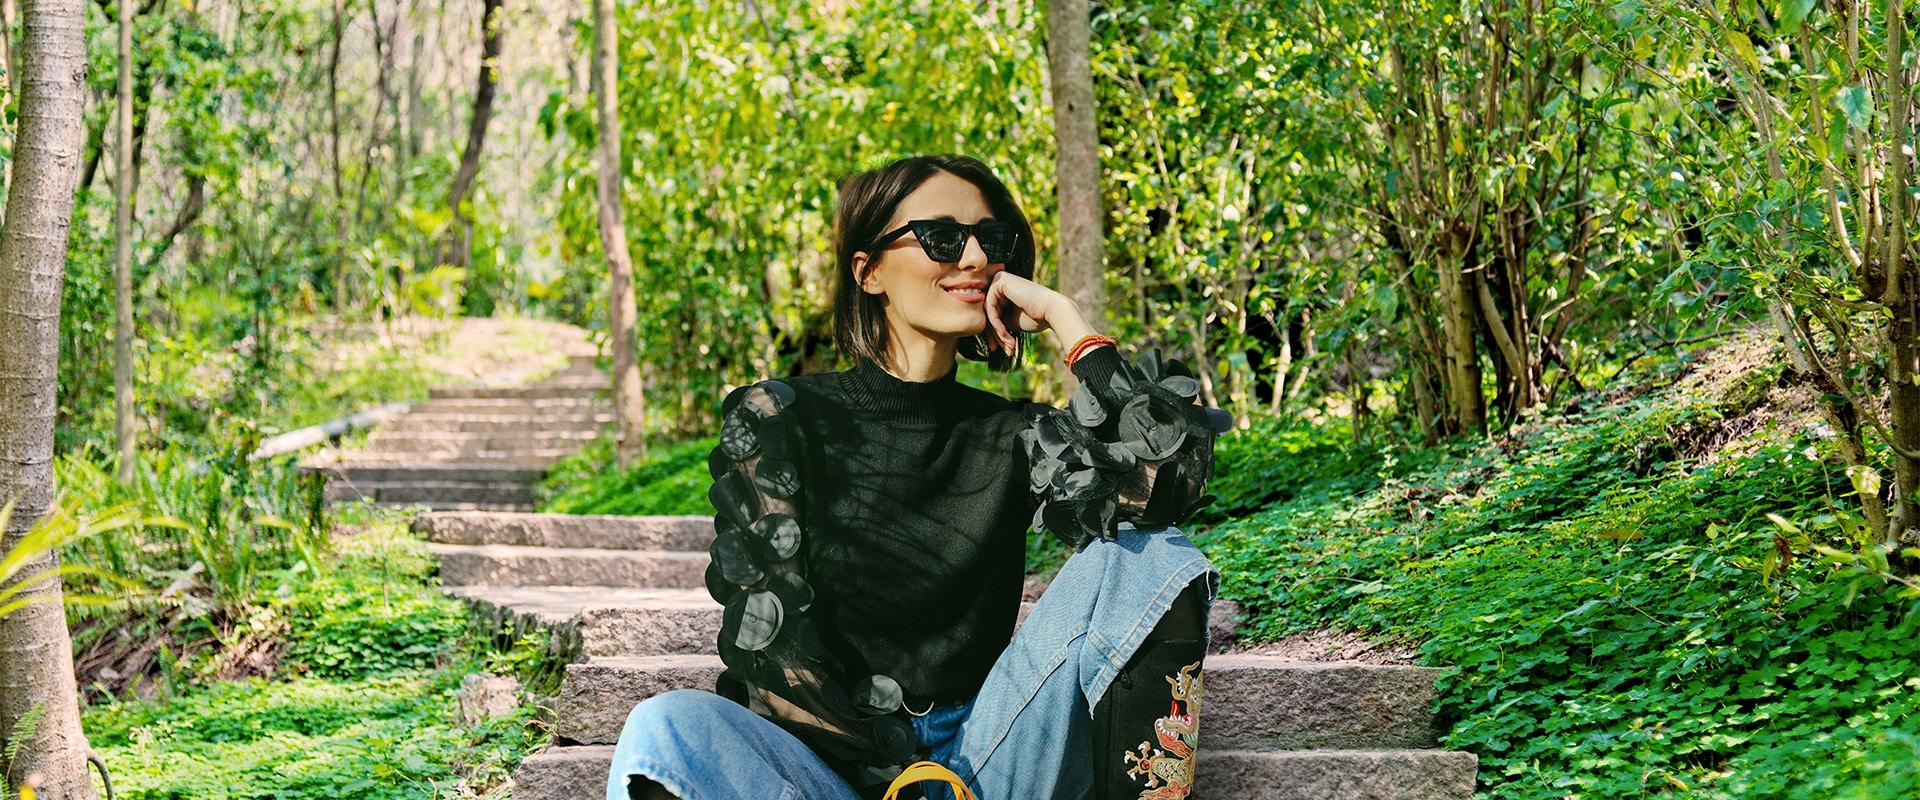 Eine Frau sitzt im Park